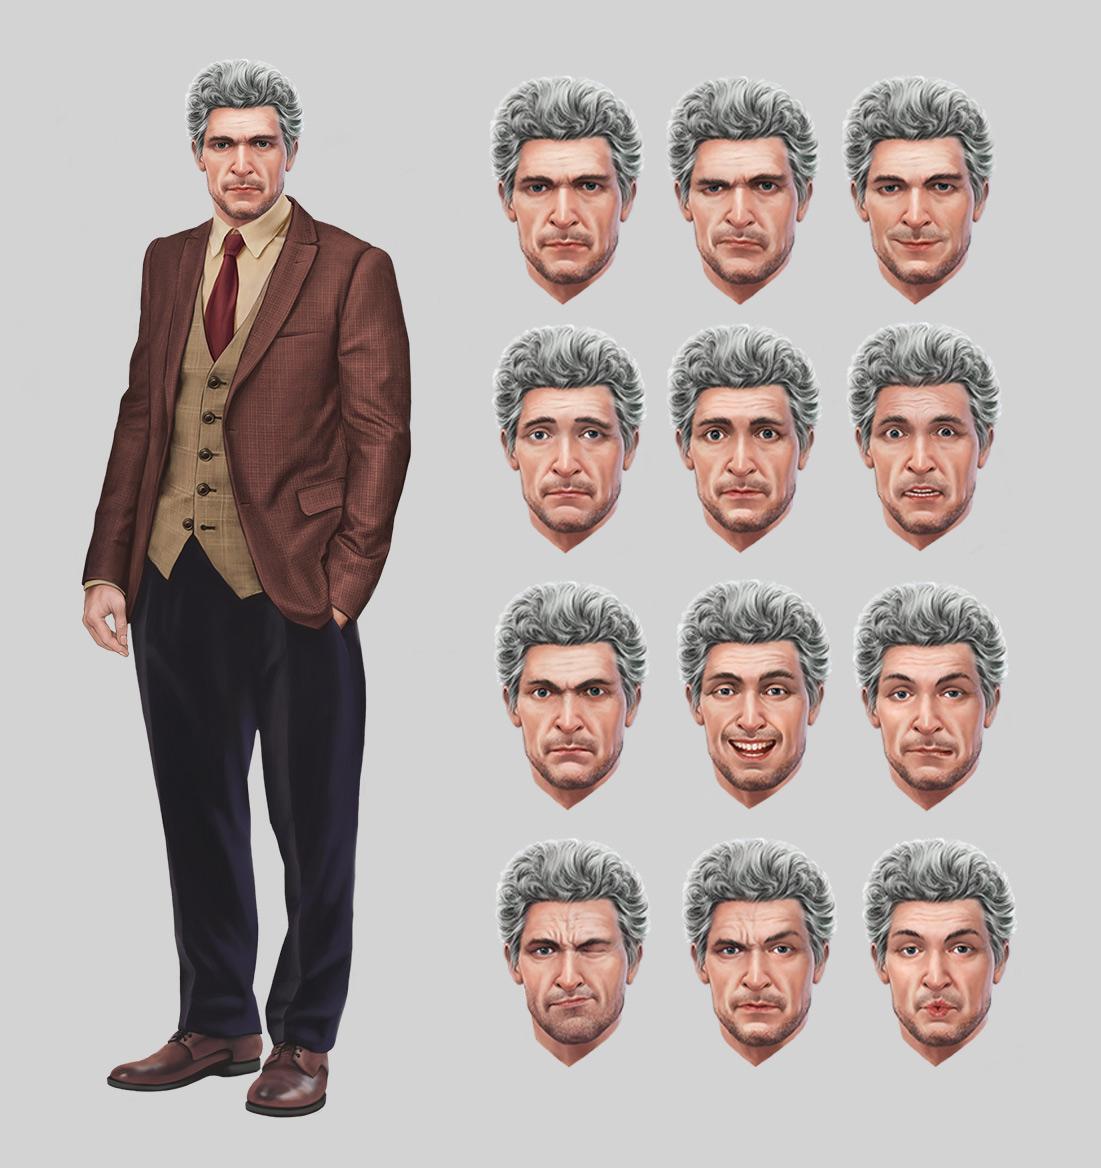 Профессор | 2D художник. Персонажи и не только. Удалённо.